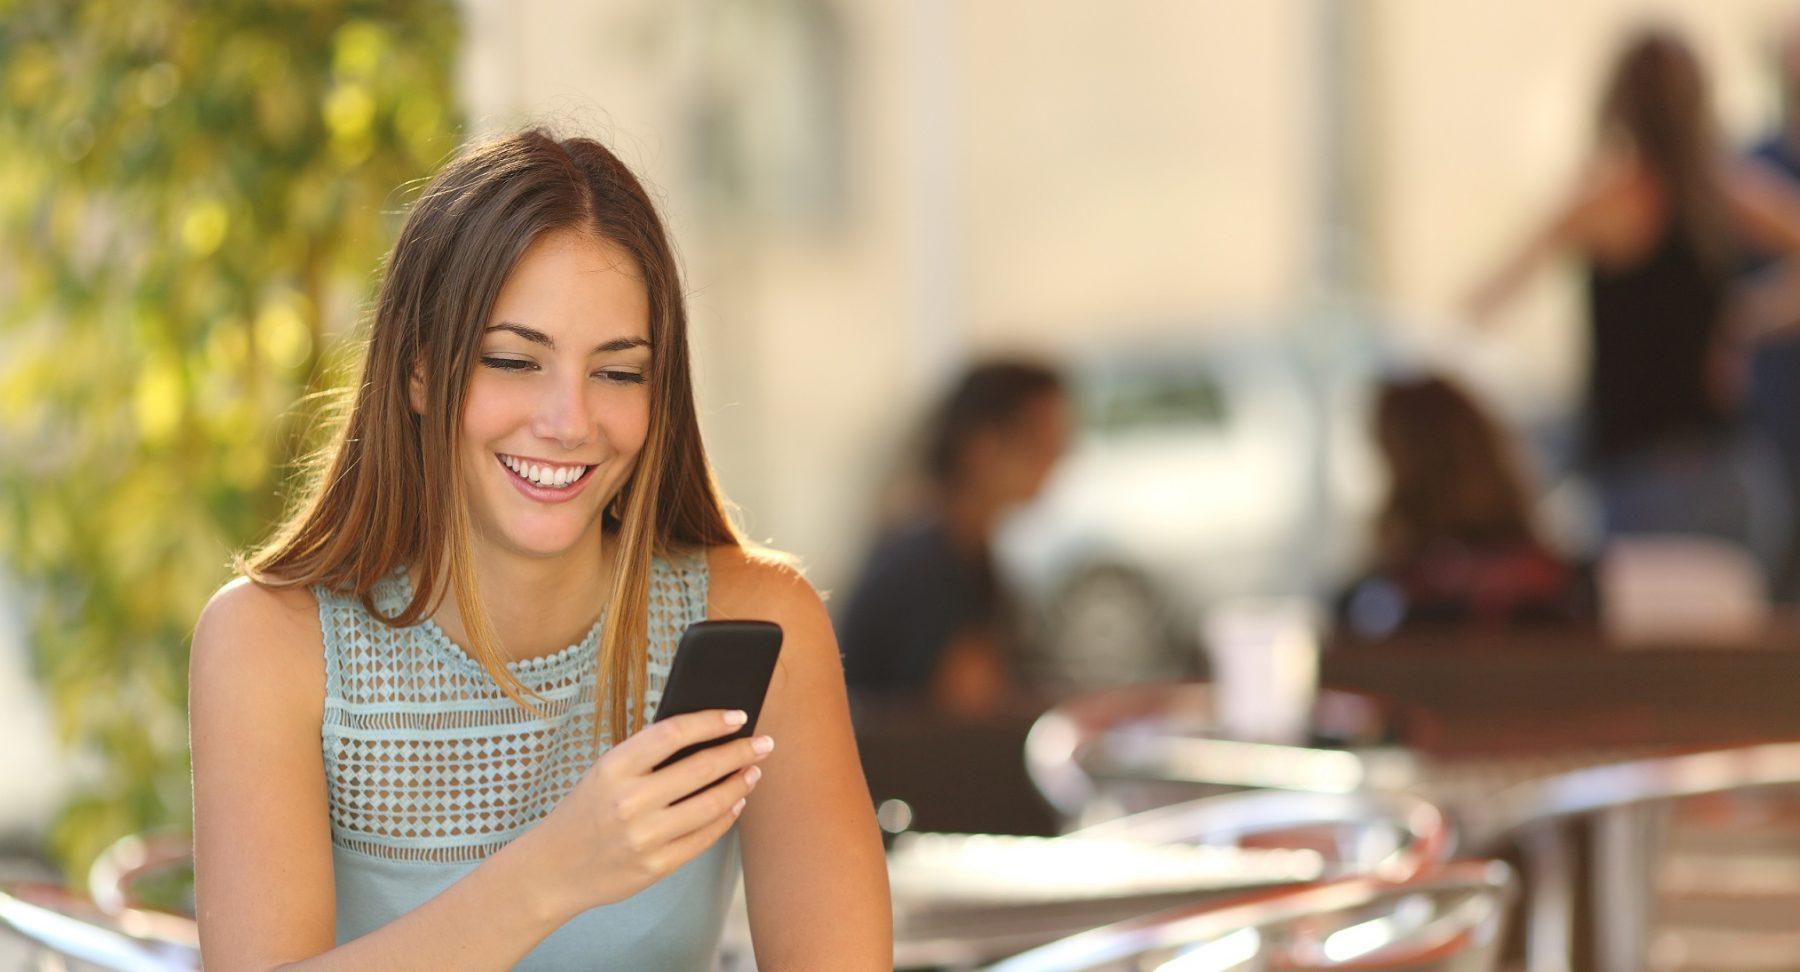 kostenlos flirten app Homburg